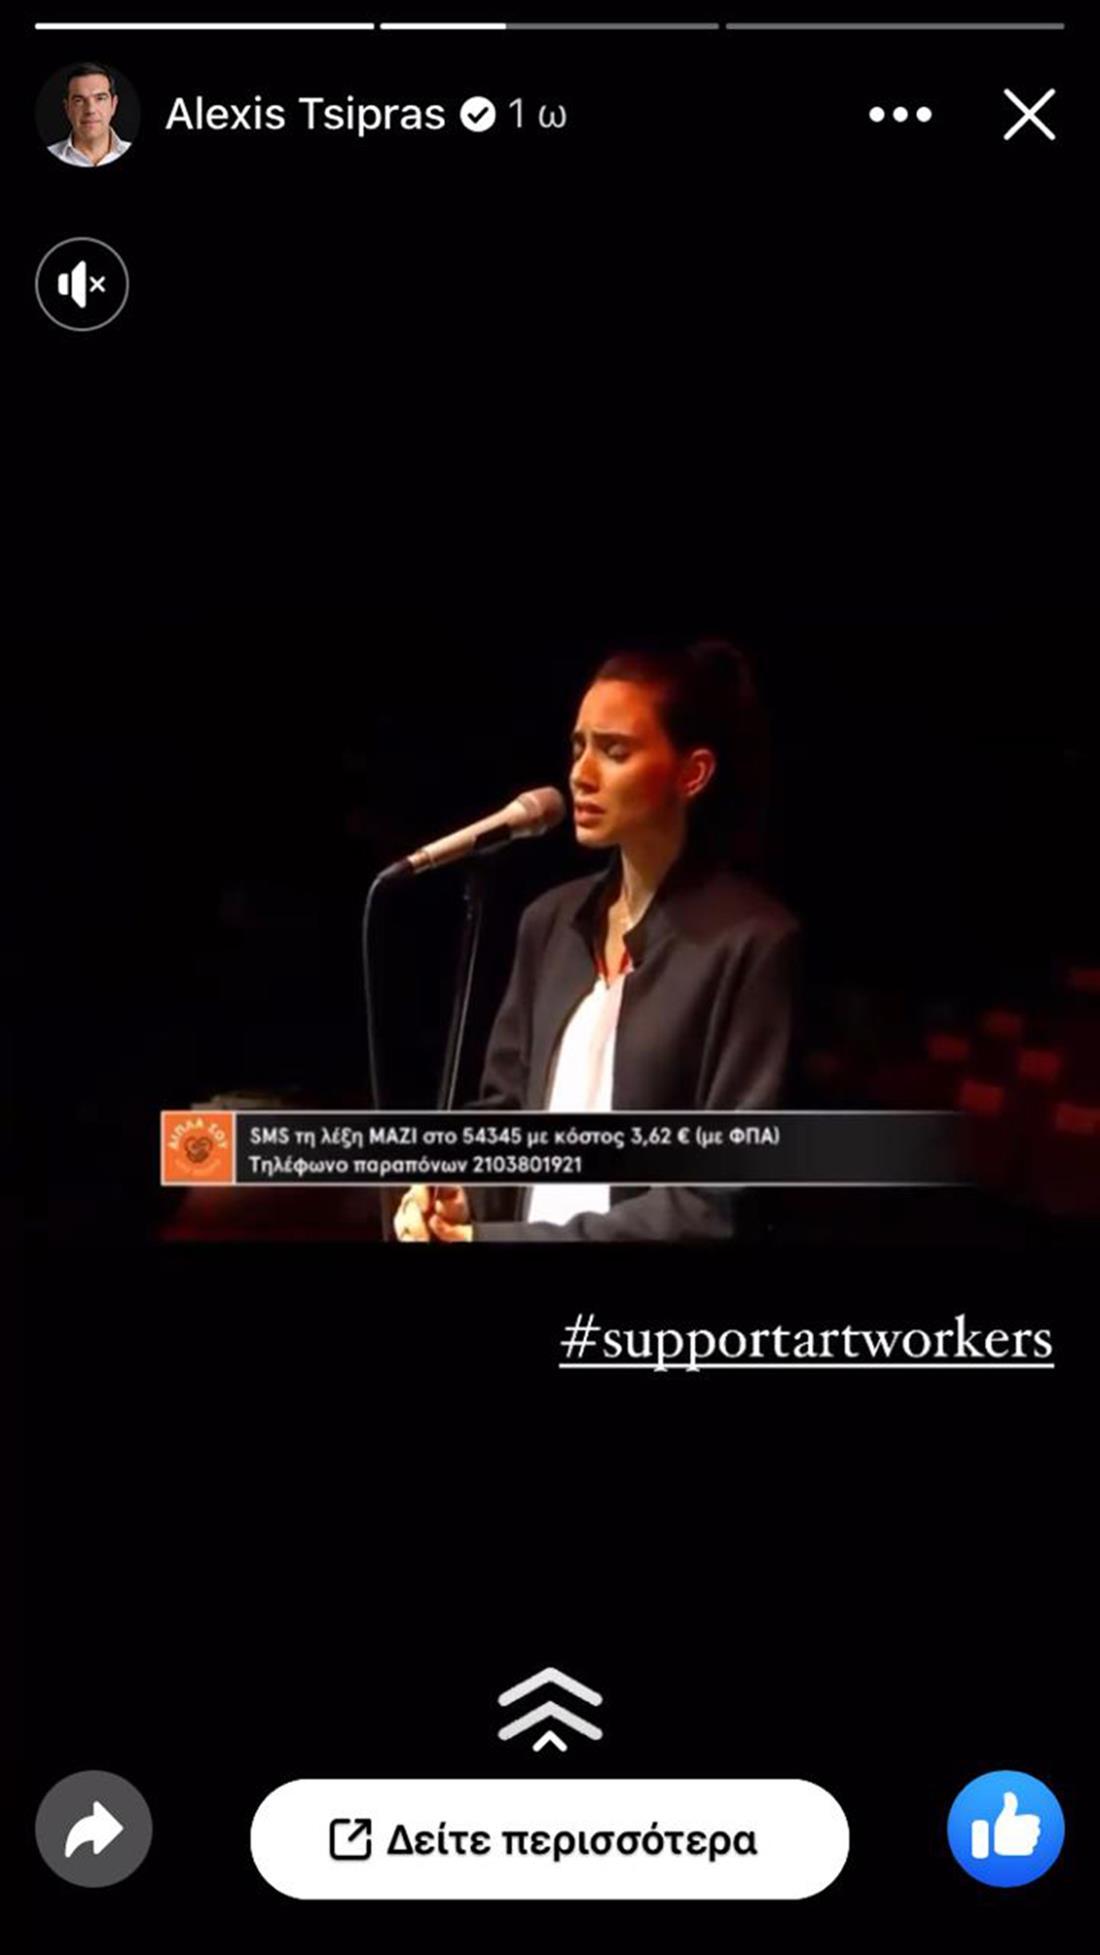 Αλέξης Τσίπρας - διαδικτυακός τηλεμαραθώνιος αλληλεγγύης